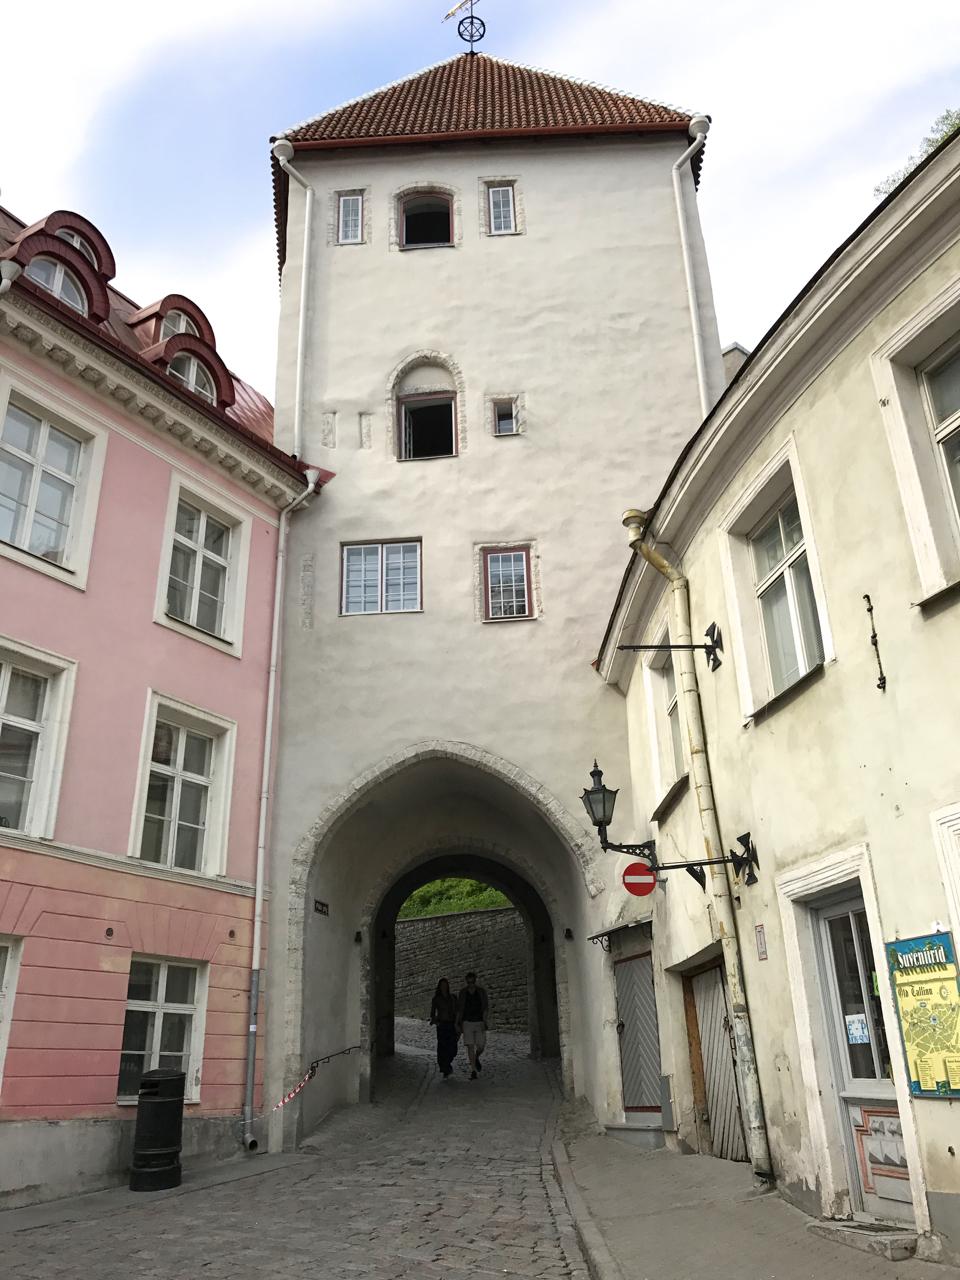 Teri_Tallin_Estonia Baltics_travel_spiritedtable_photot43.jpg